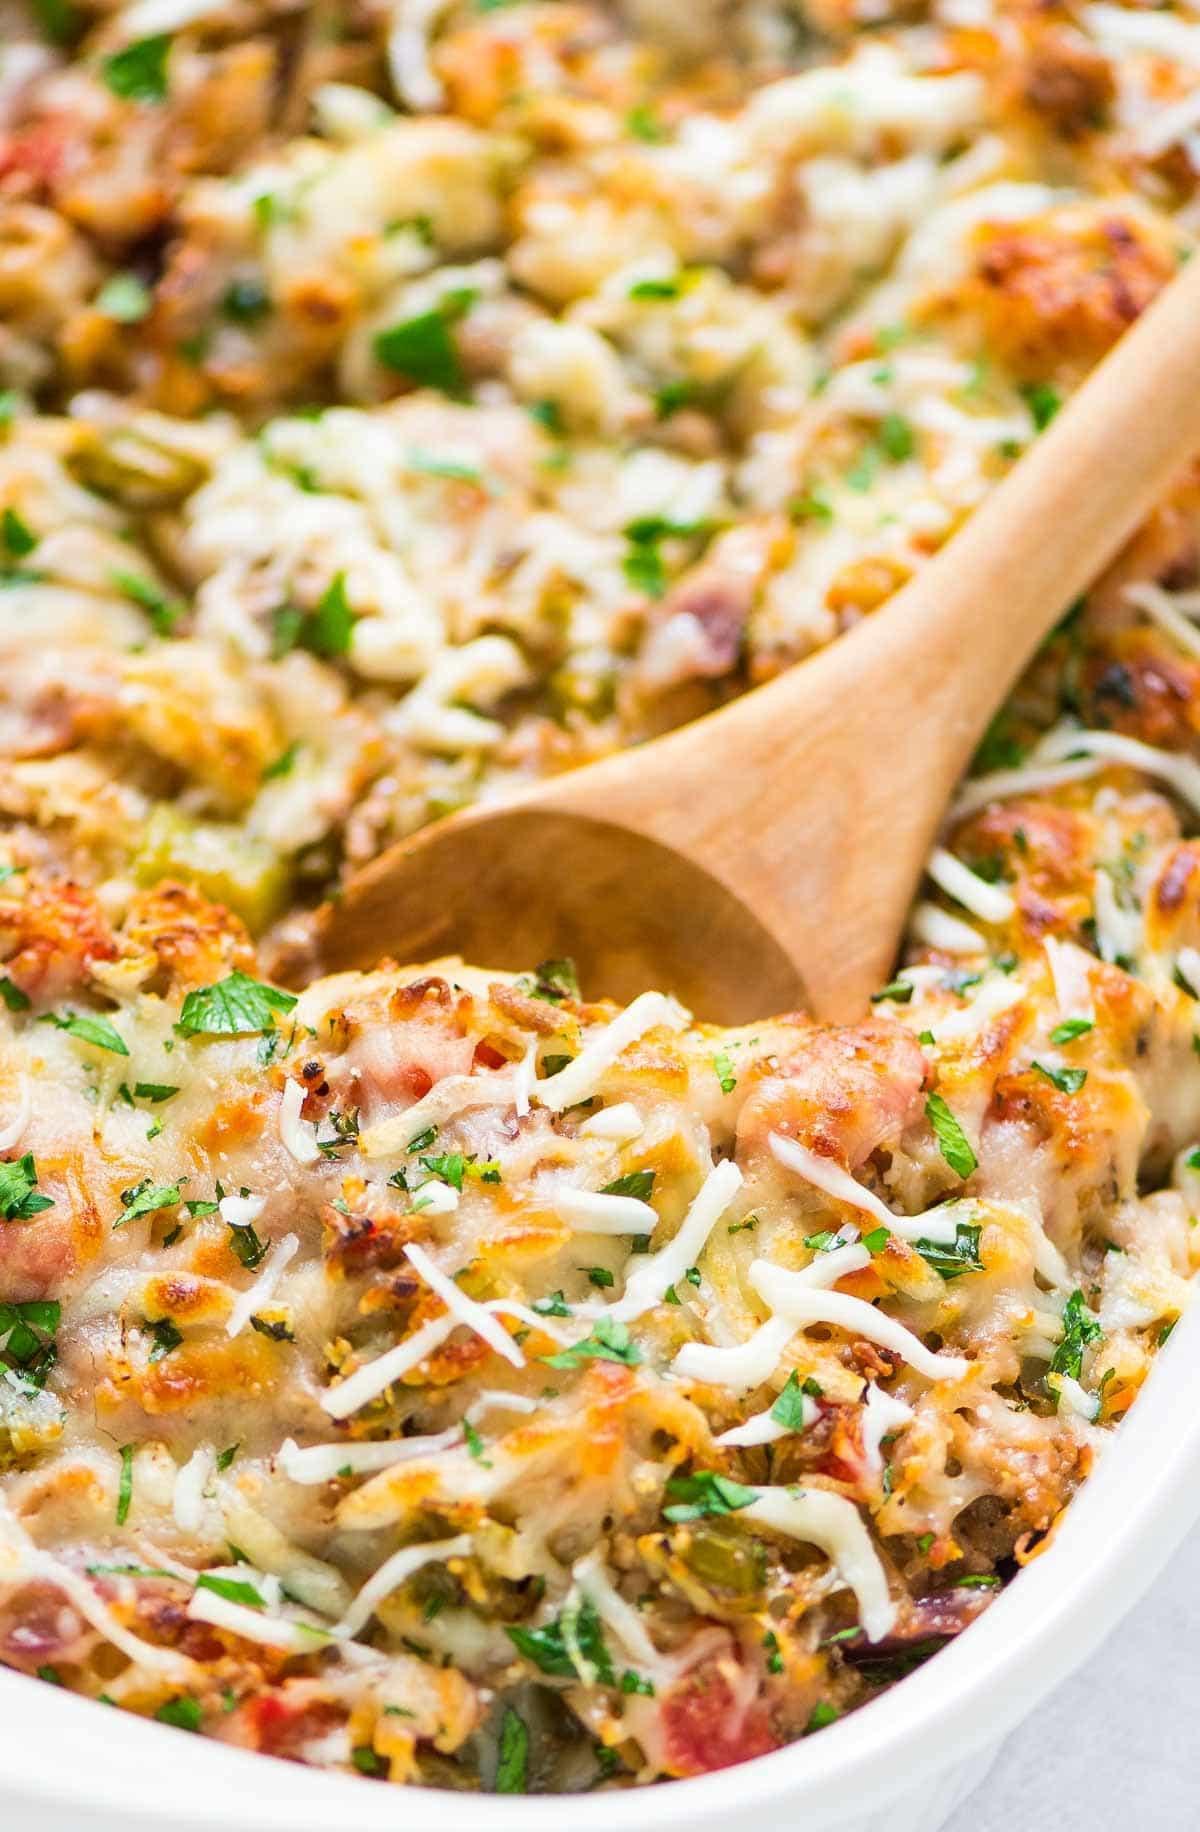 Spaghetti Squash Recipes Healthy  Healthy Spaghetti Squash Casserole